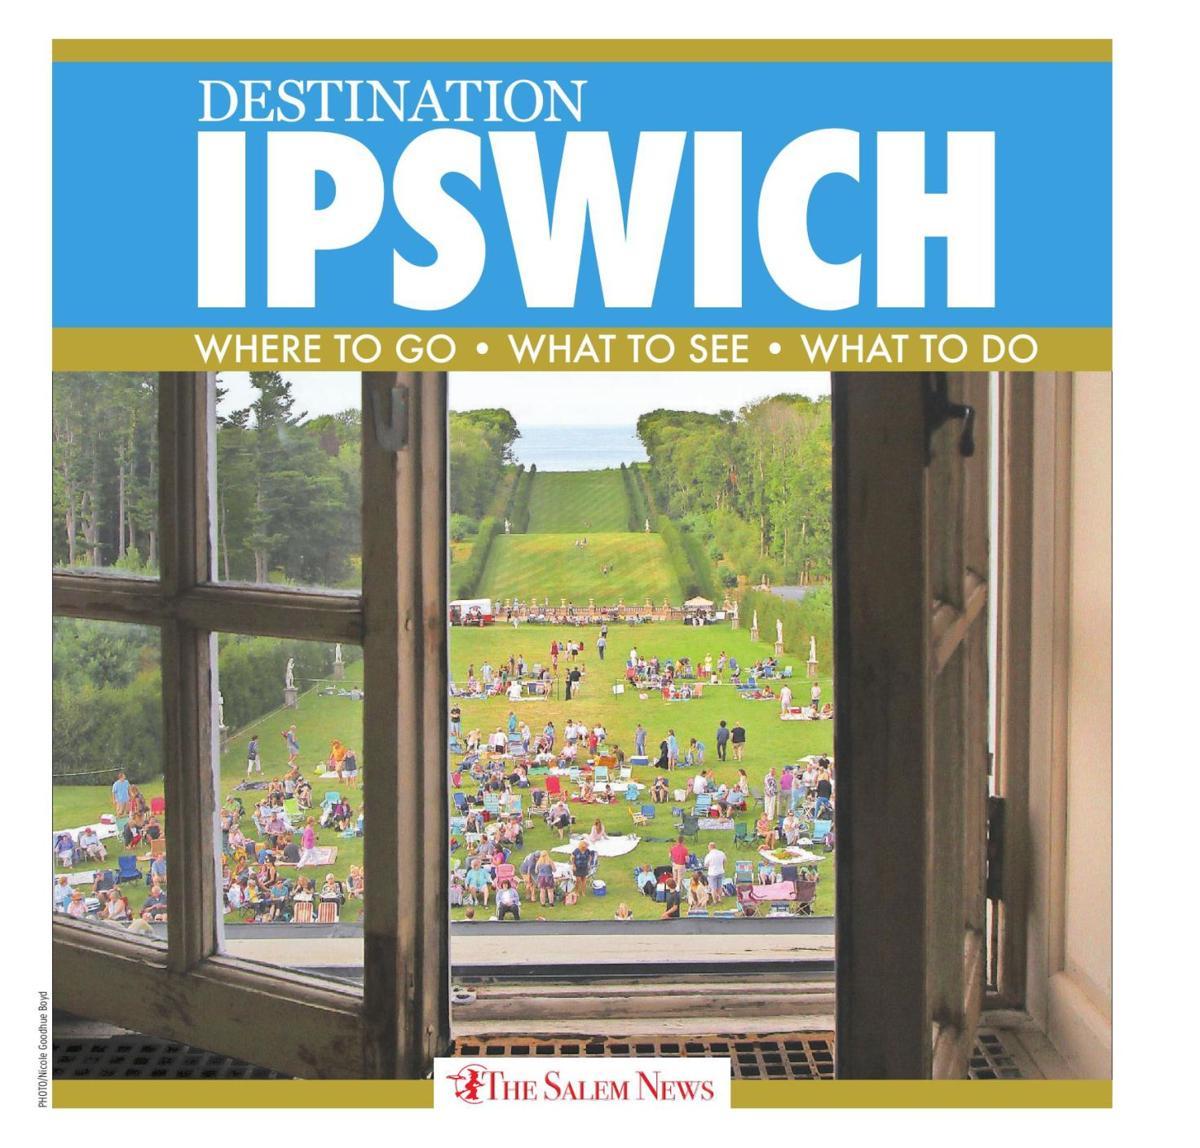 Destination Ipswich 2017